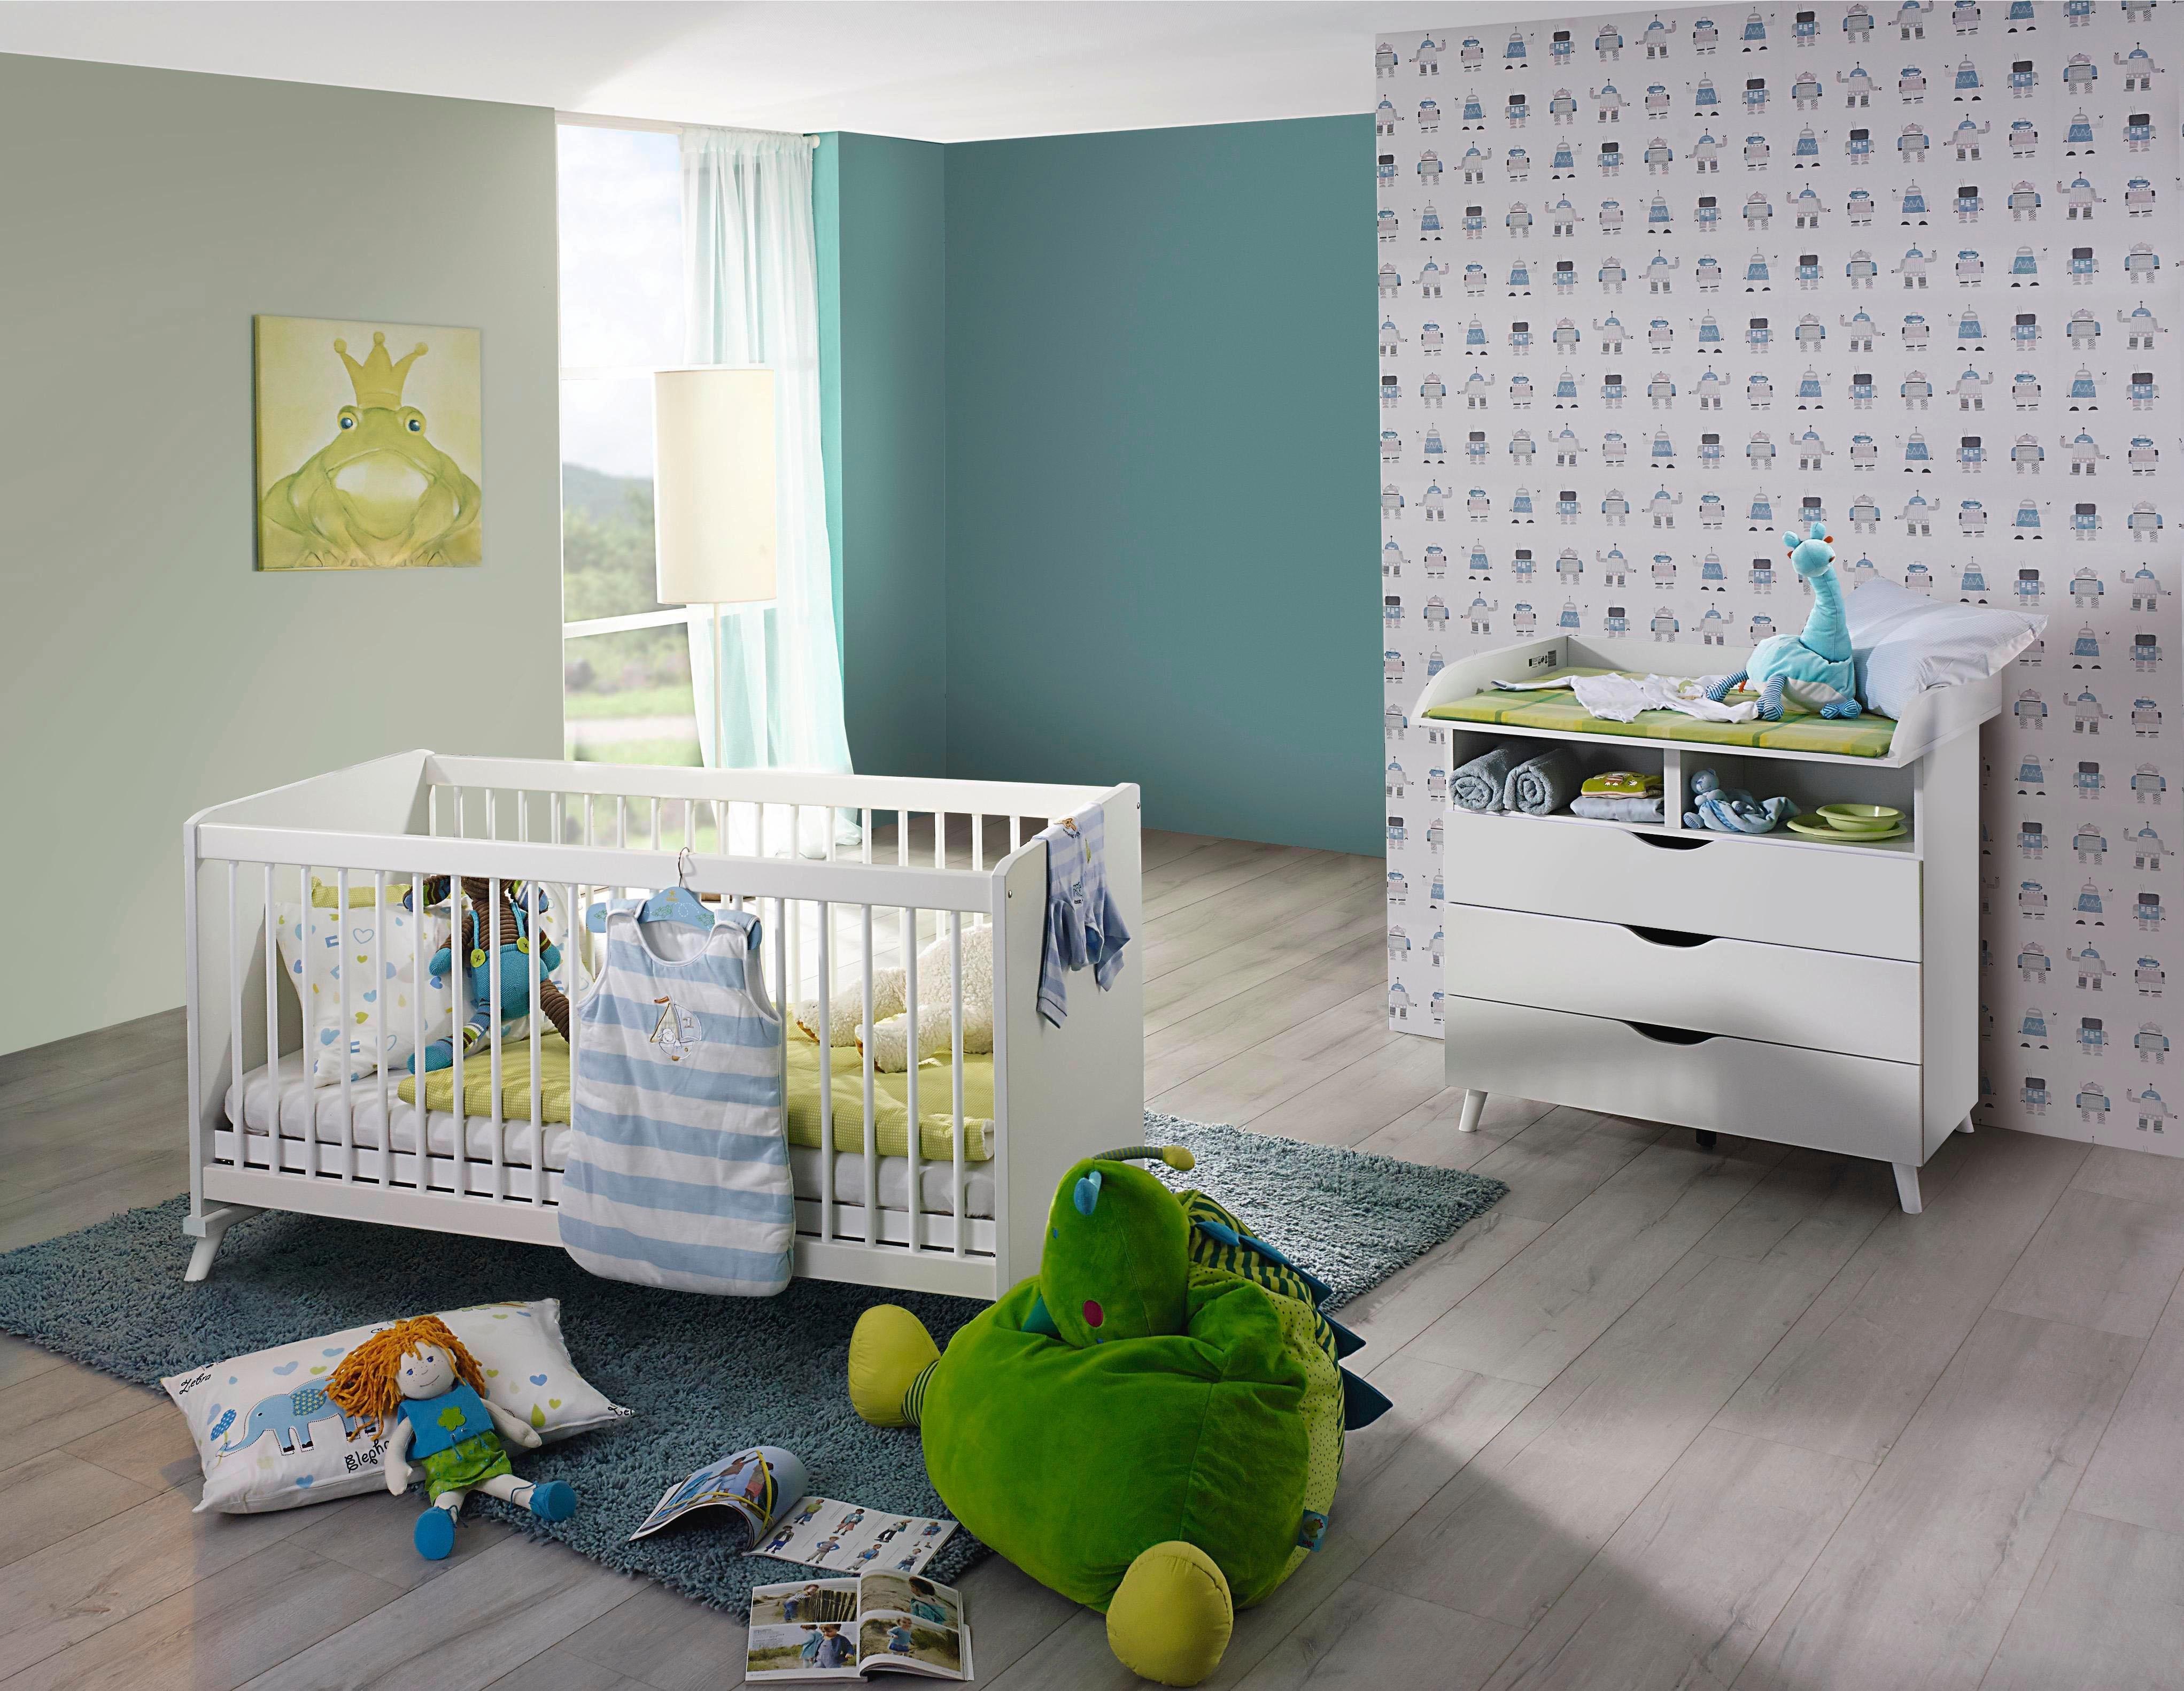 2 Delige Babykamer.Babykamer Voordeelset 2 Delig Danzig Ledikantje Commode Vind Je